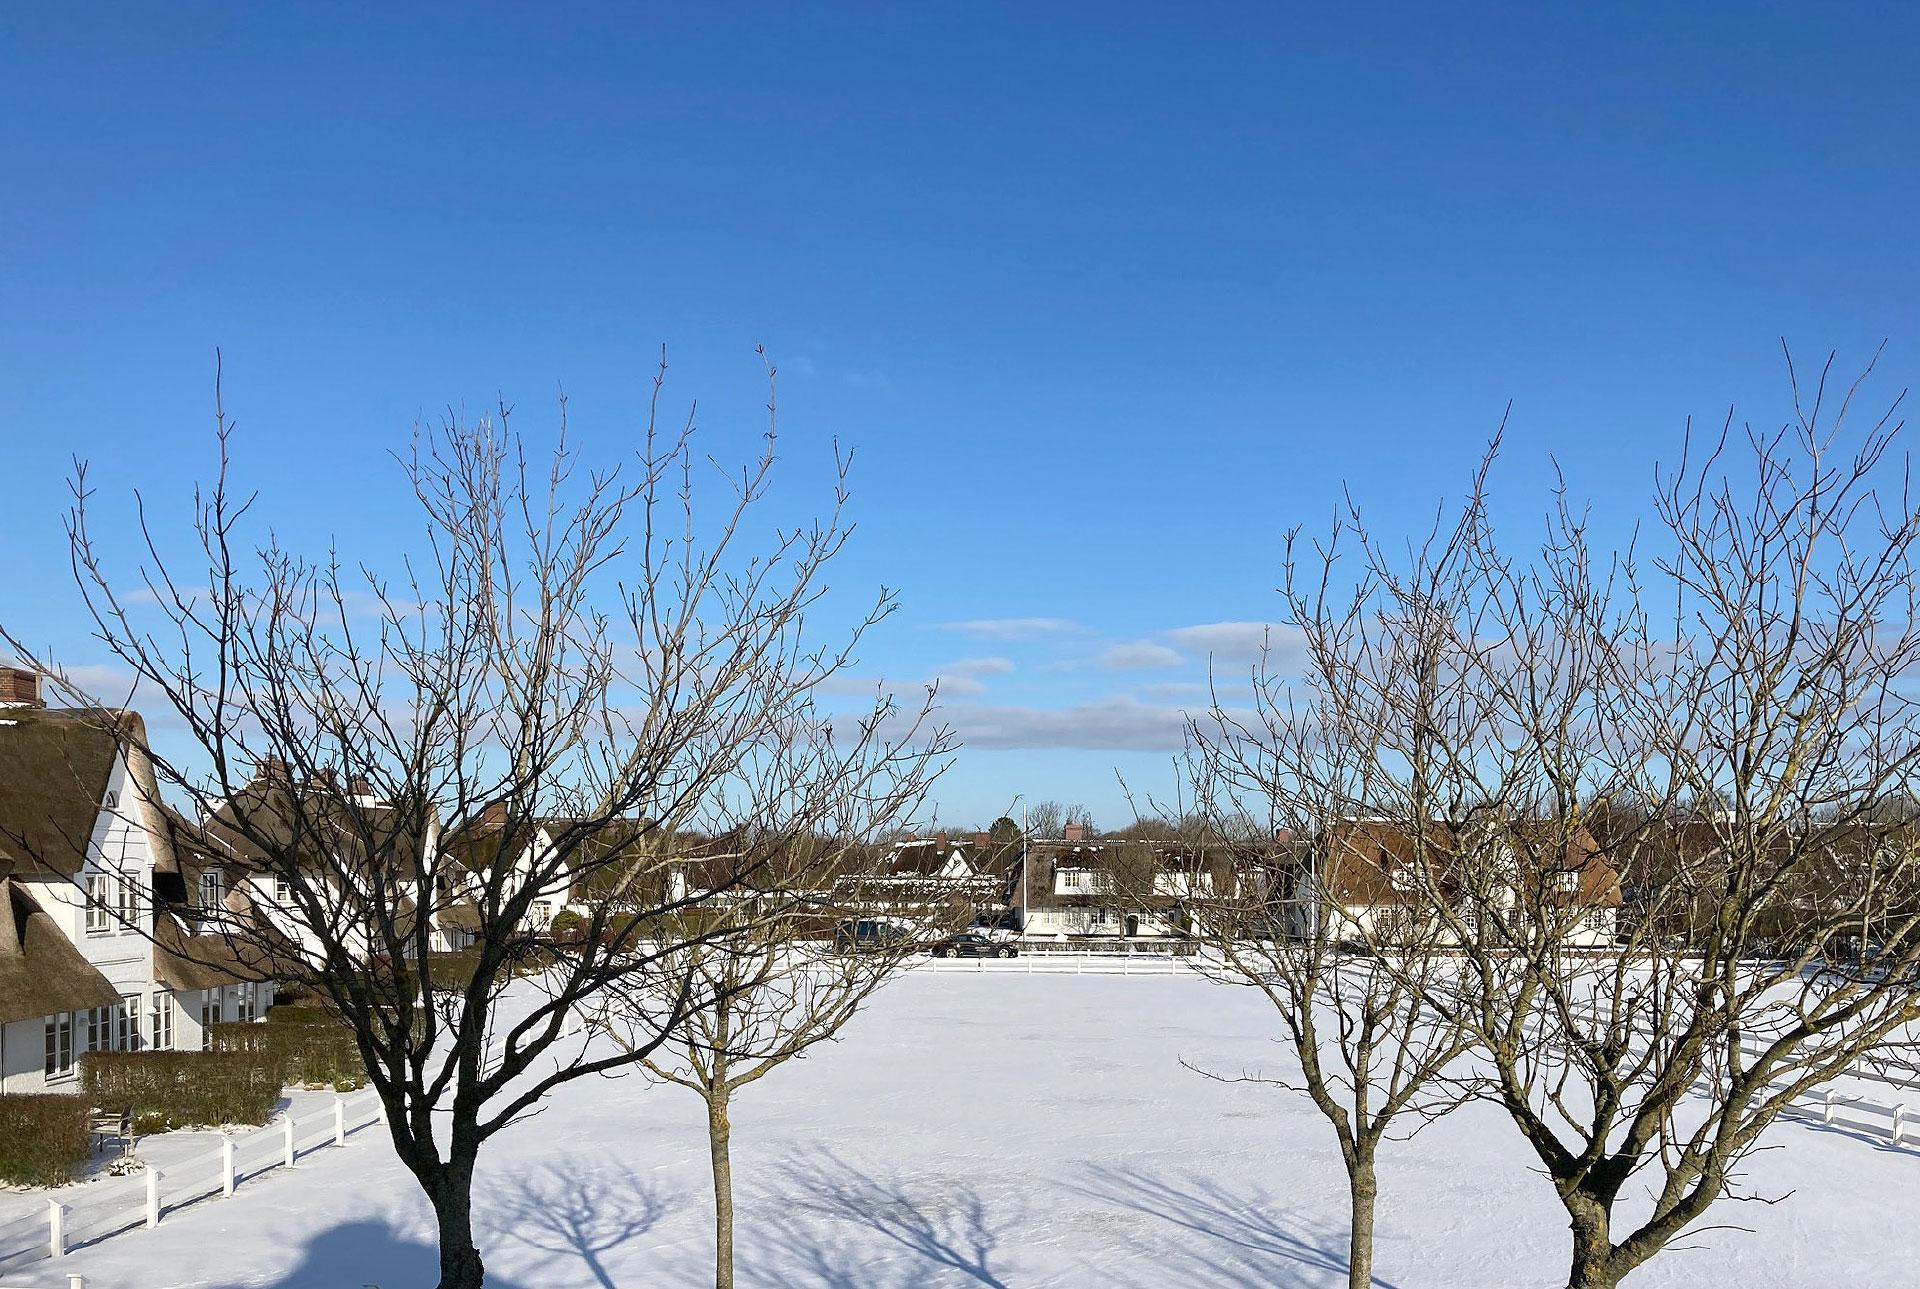 bild-galerie_winter2021_benen-diken-hof_hotel_2021-12